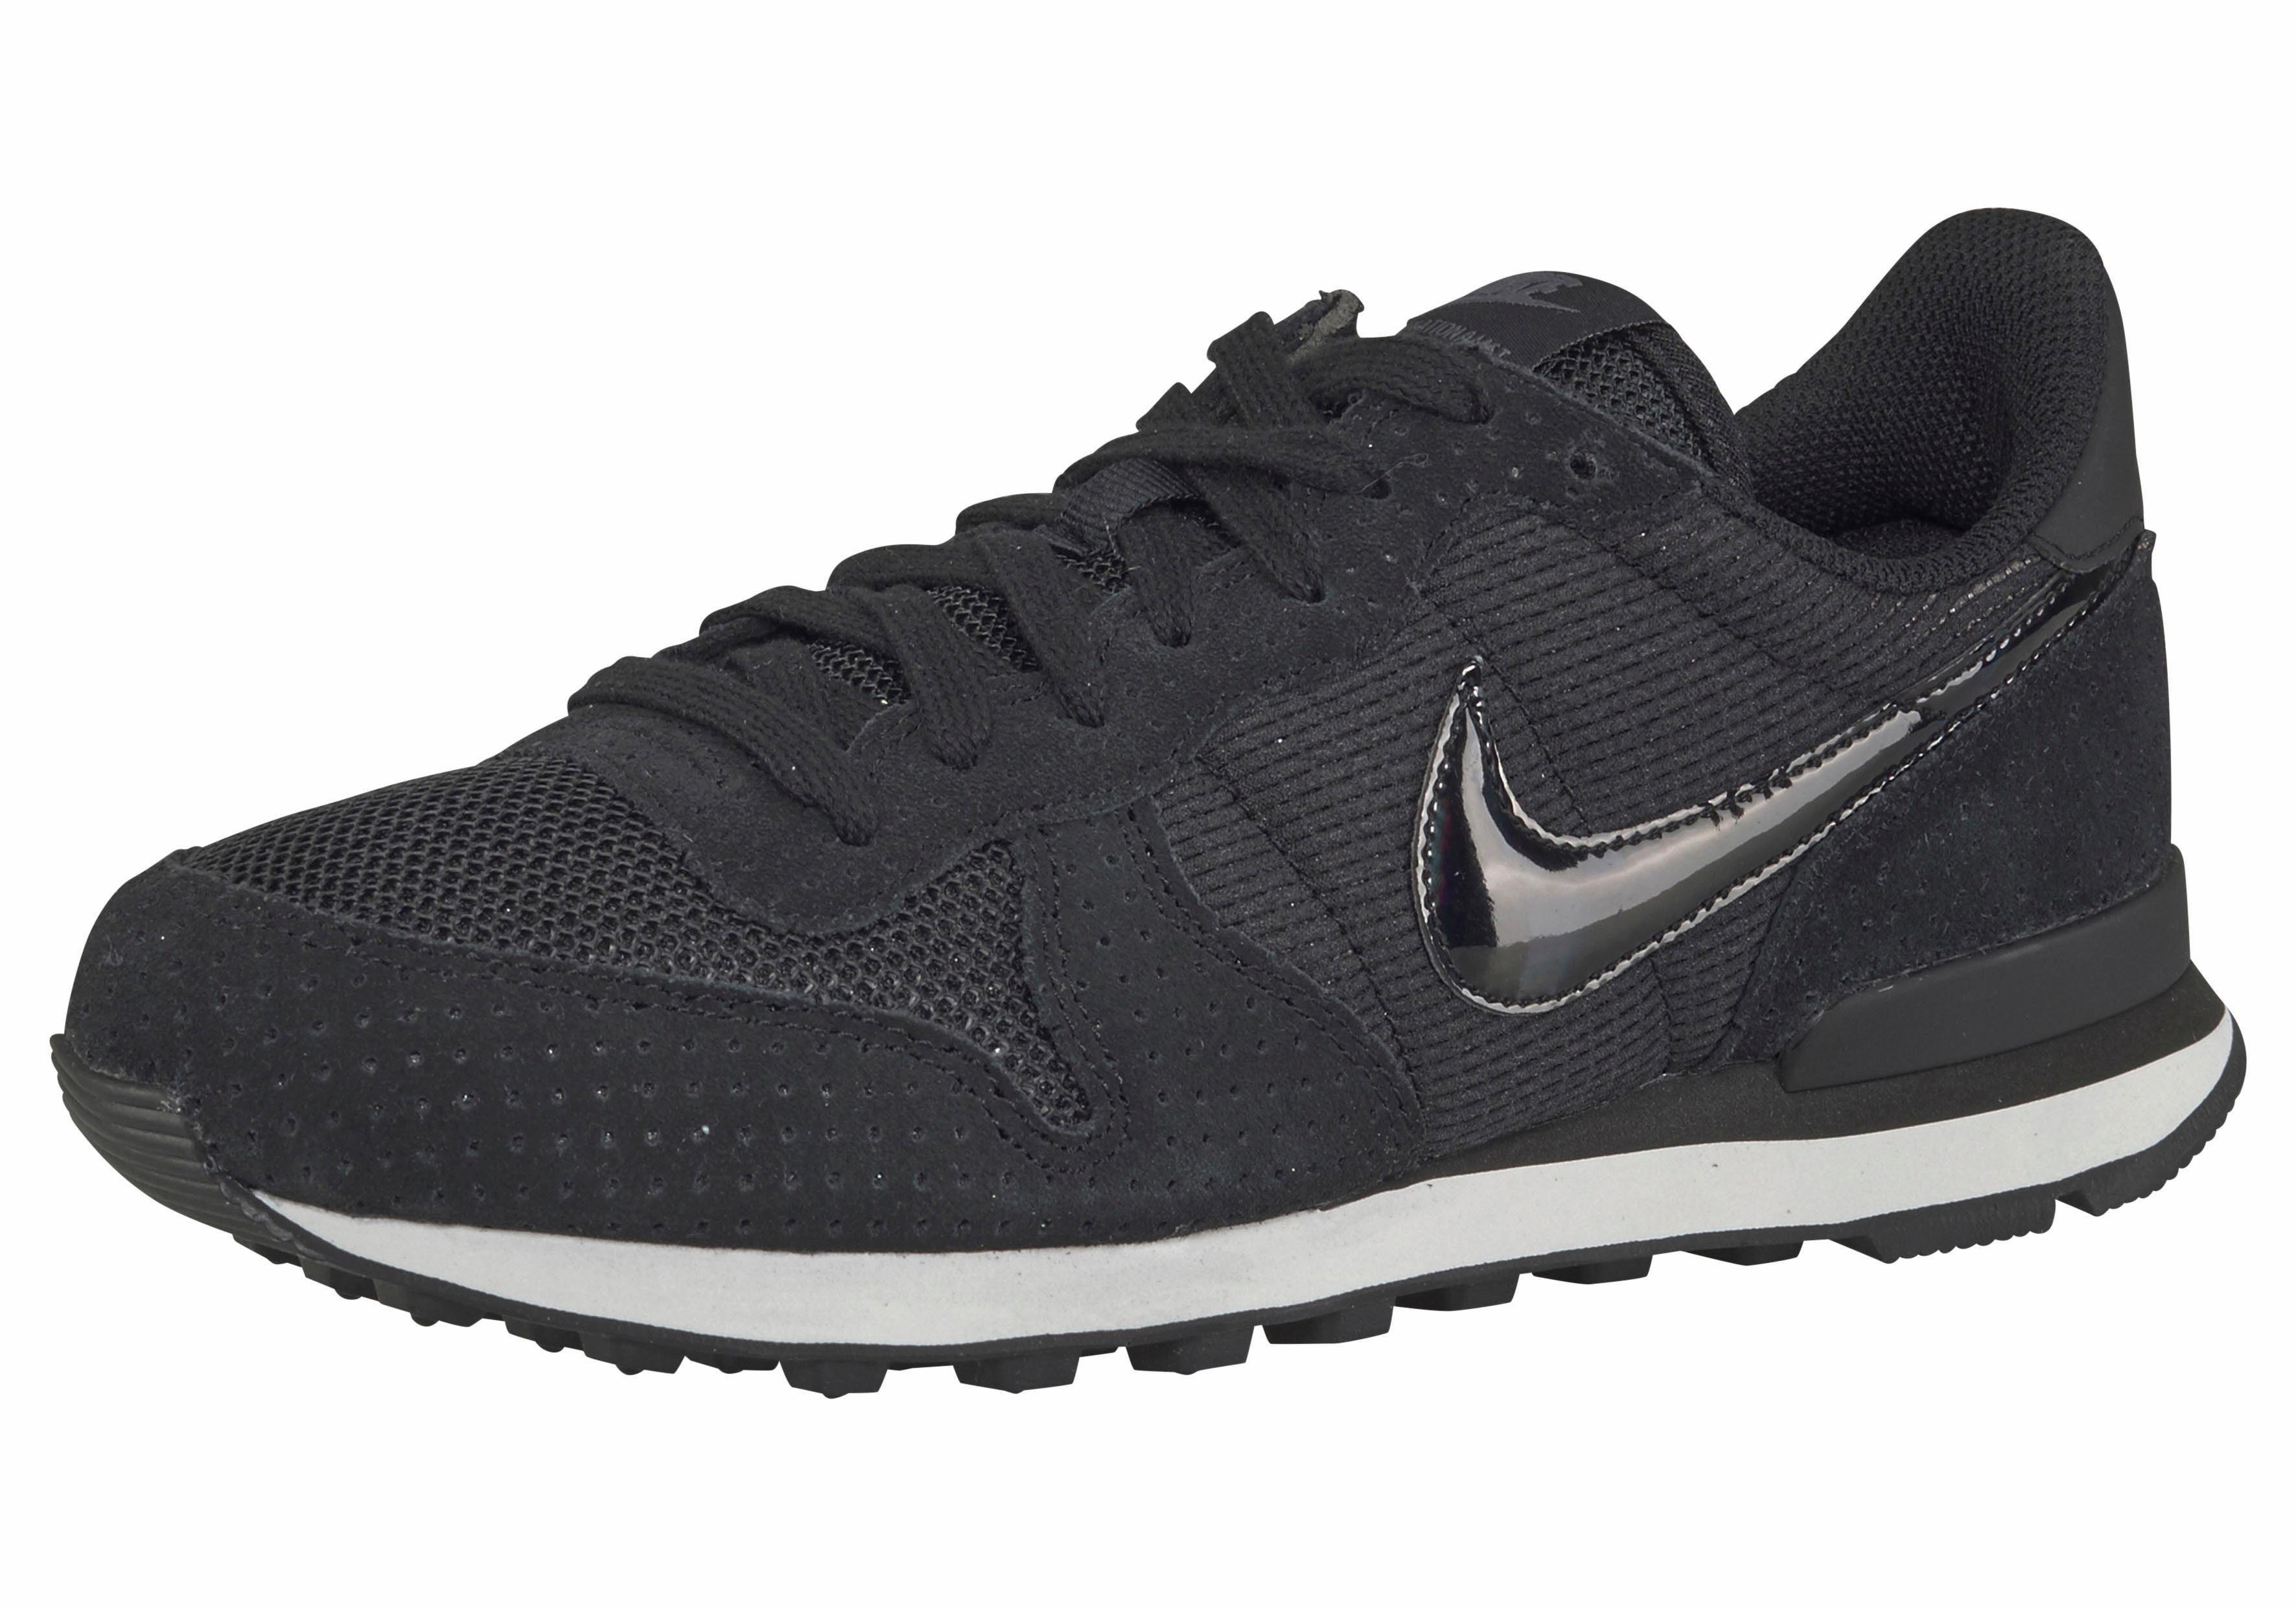 Nike Chaussures De Sport Noir dLwD77